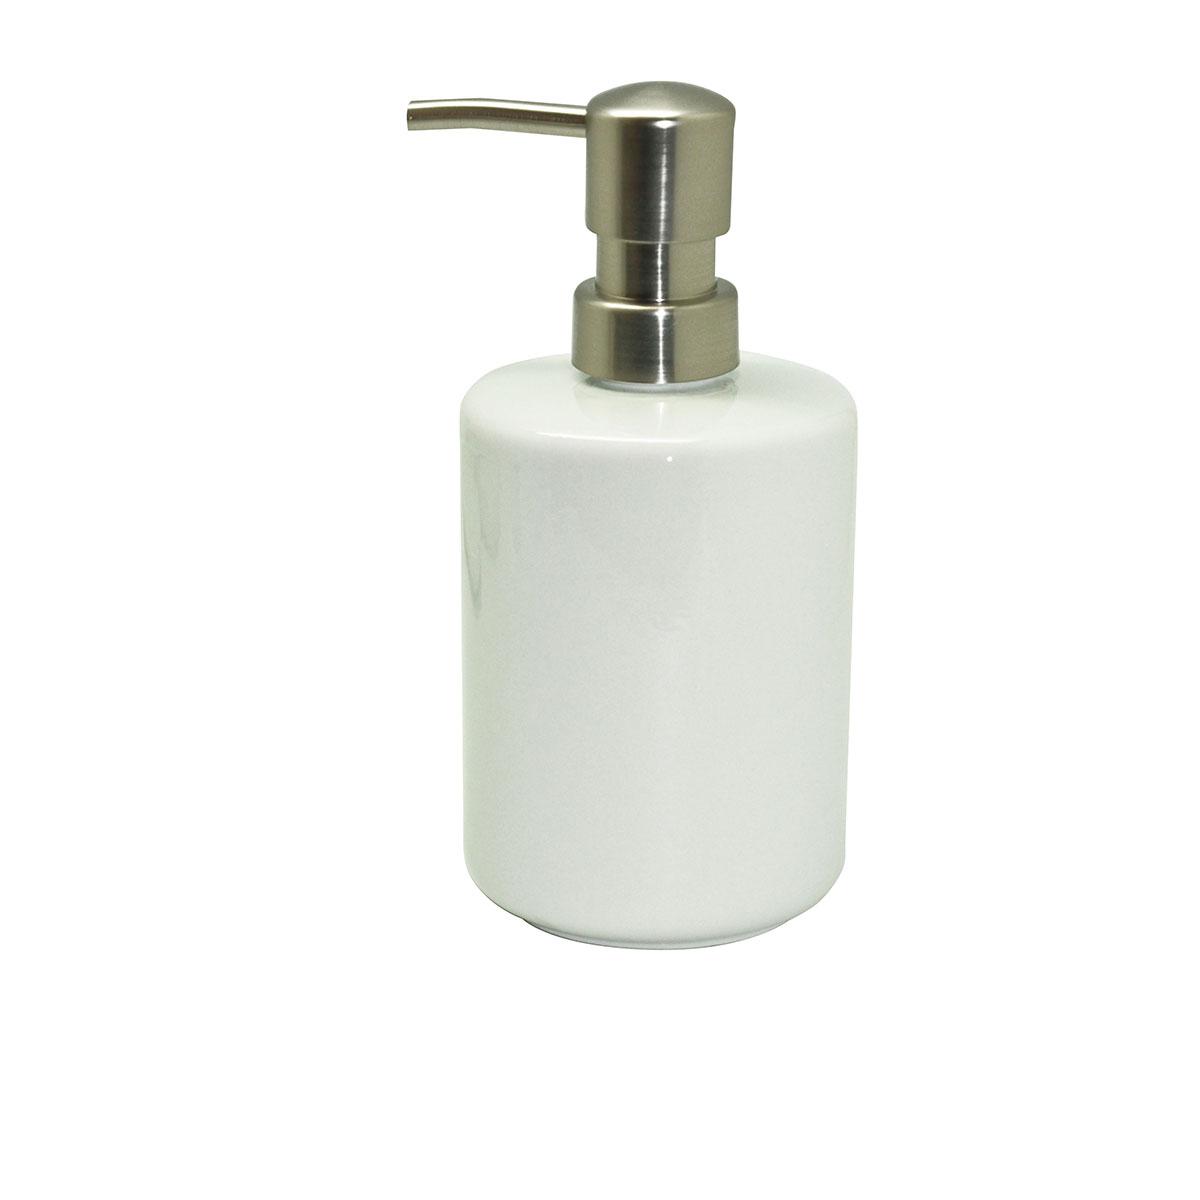 Distributeur de savon en porcelaine blanc